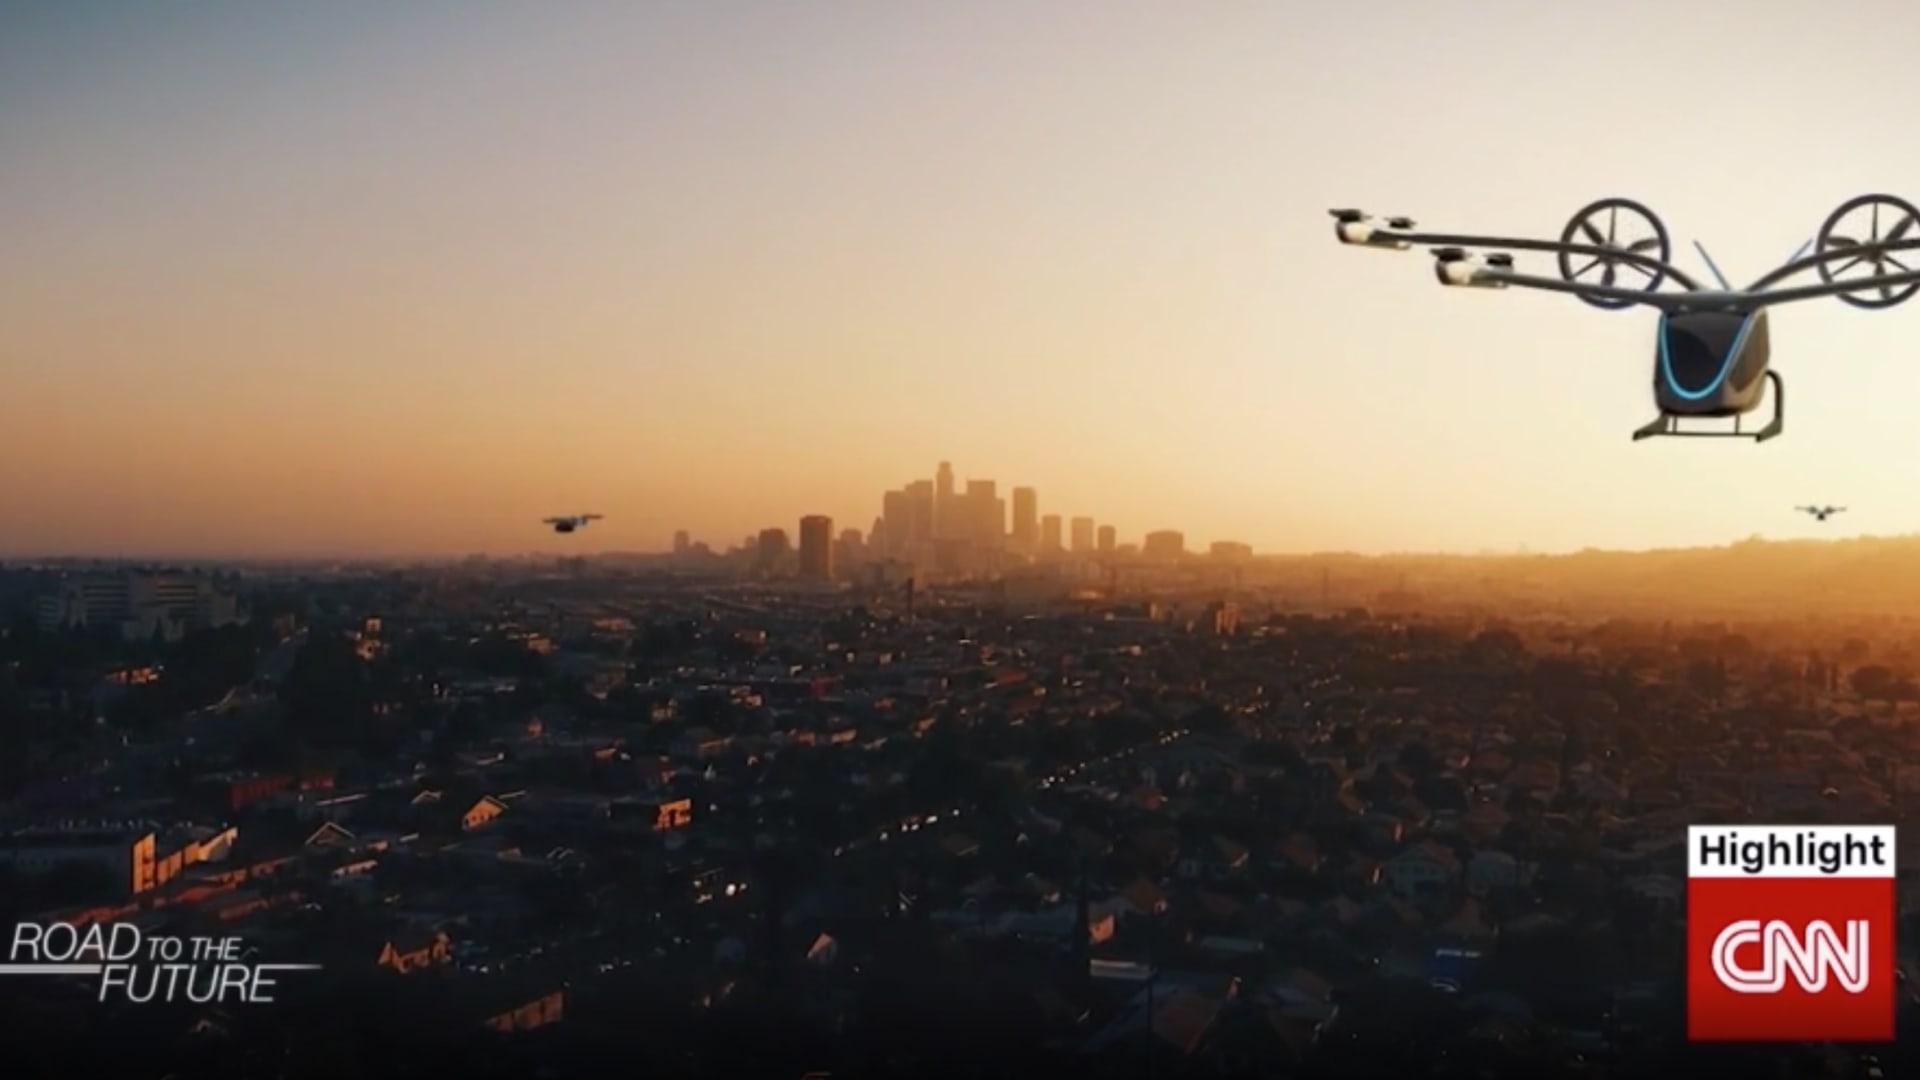 السيارات الطائرة خيال علمي بات يقترب من الواقع